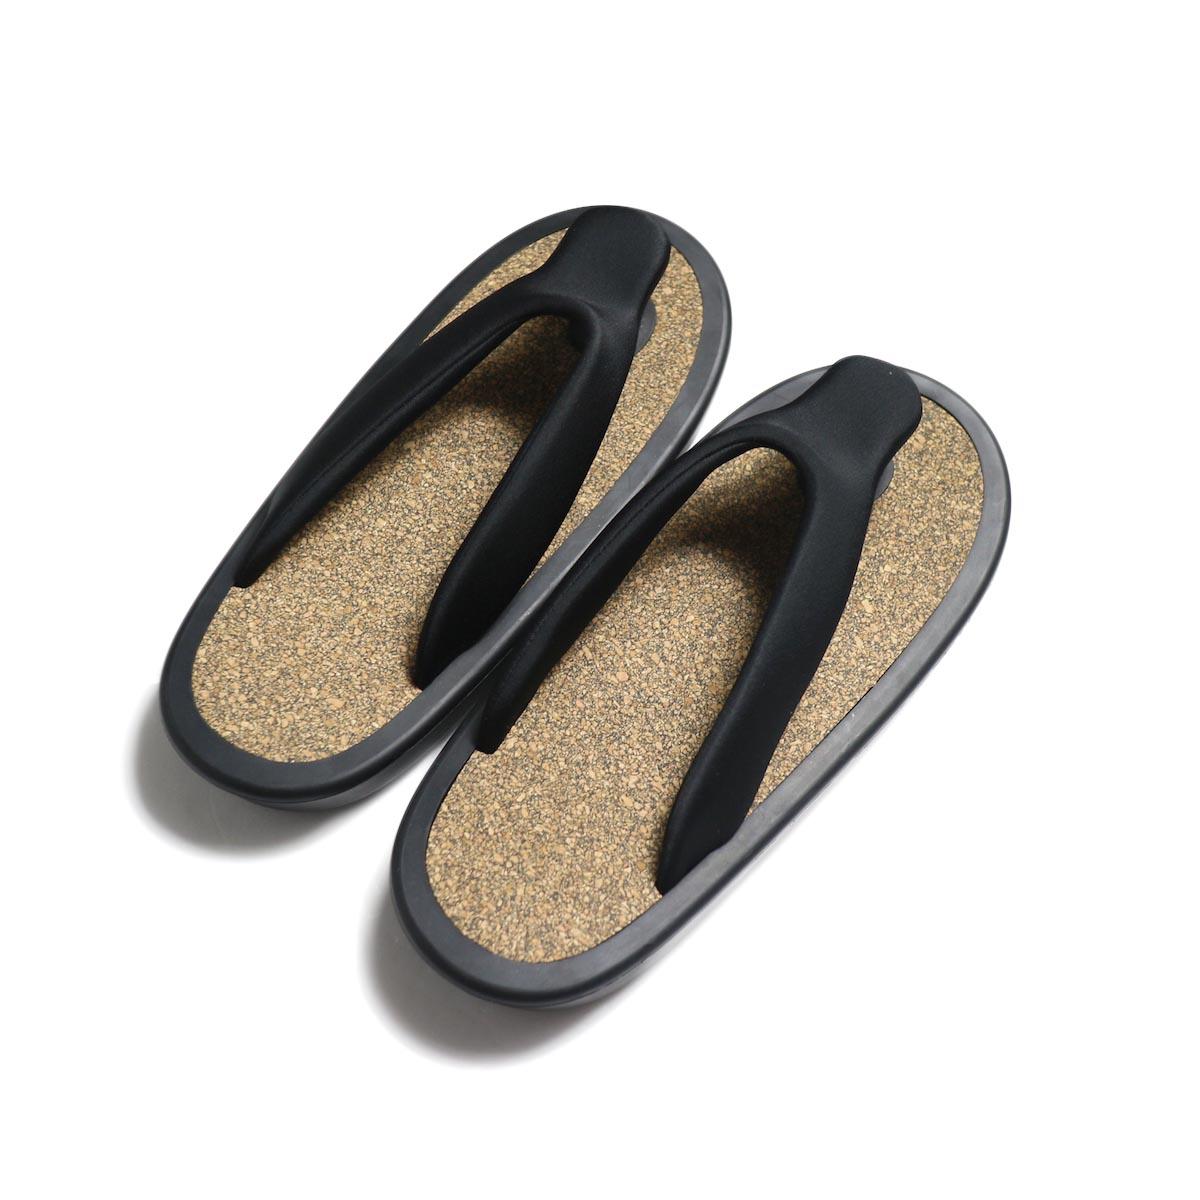 JOJO / SANDAL -Black (Black Cork) 背面